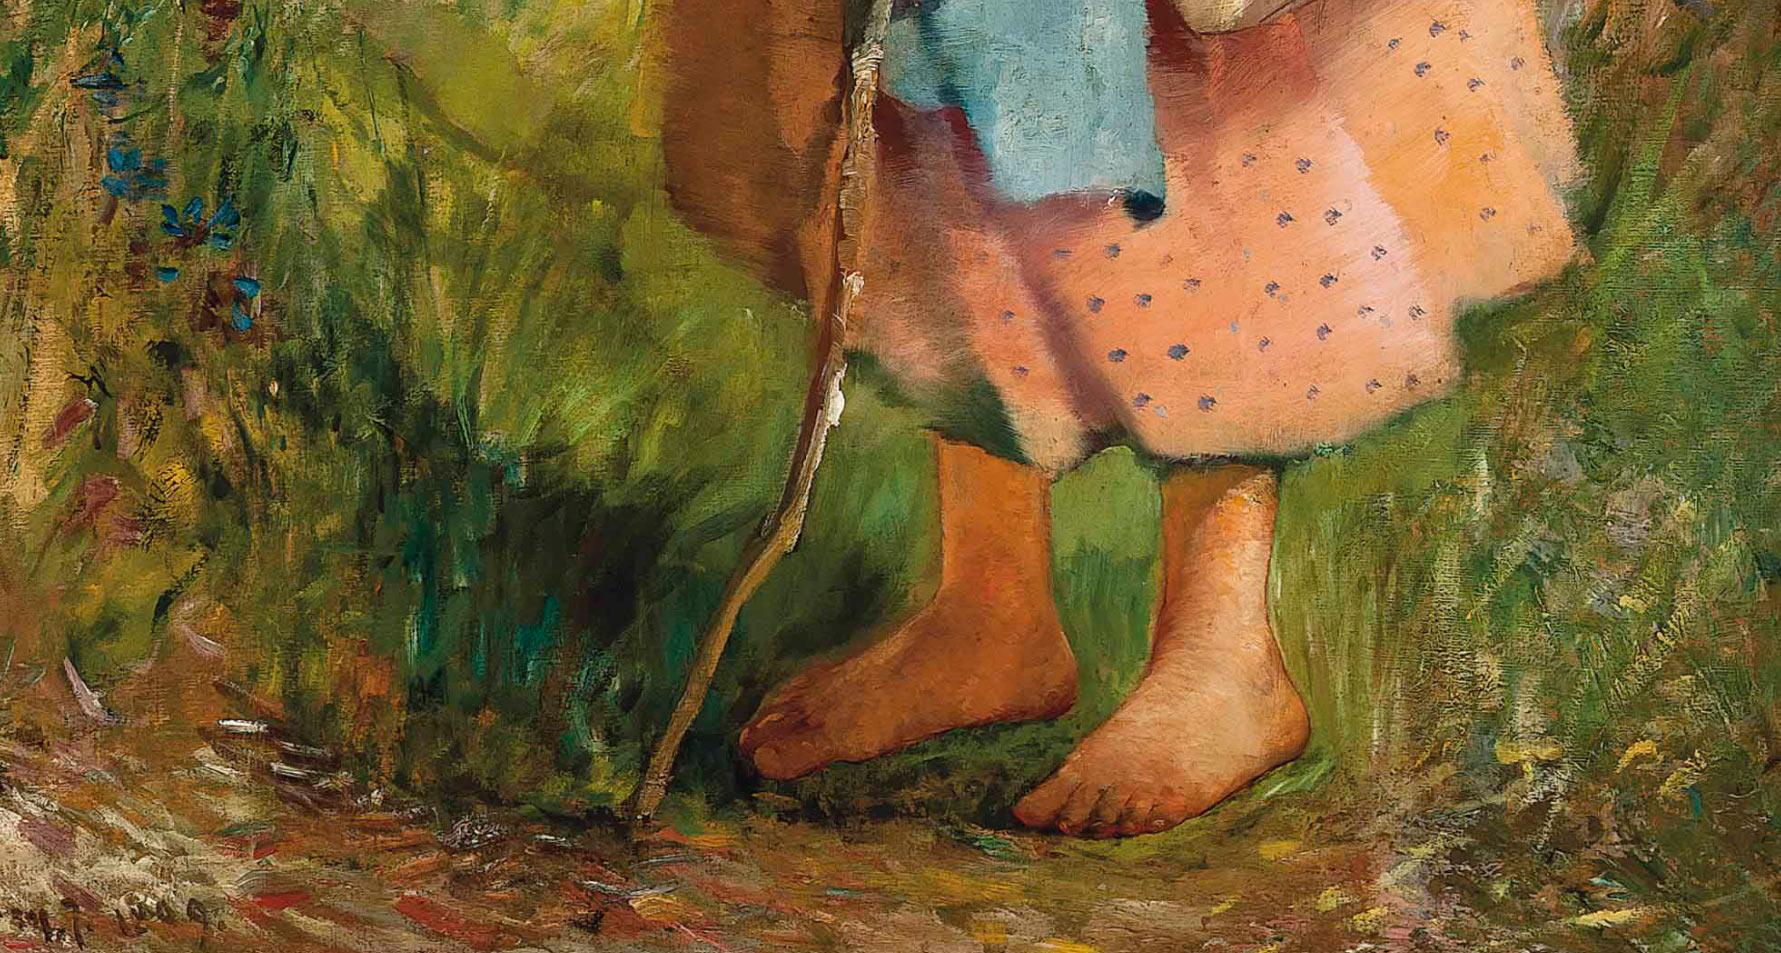 Detalle de la naturaleza - Pintura de Ignac Ujvary - Paseo de verano